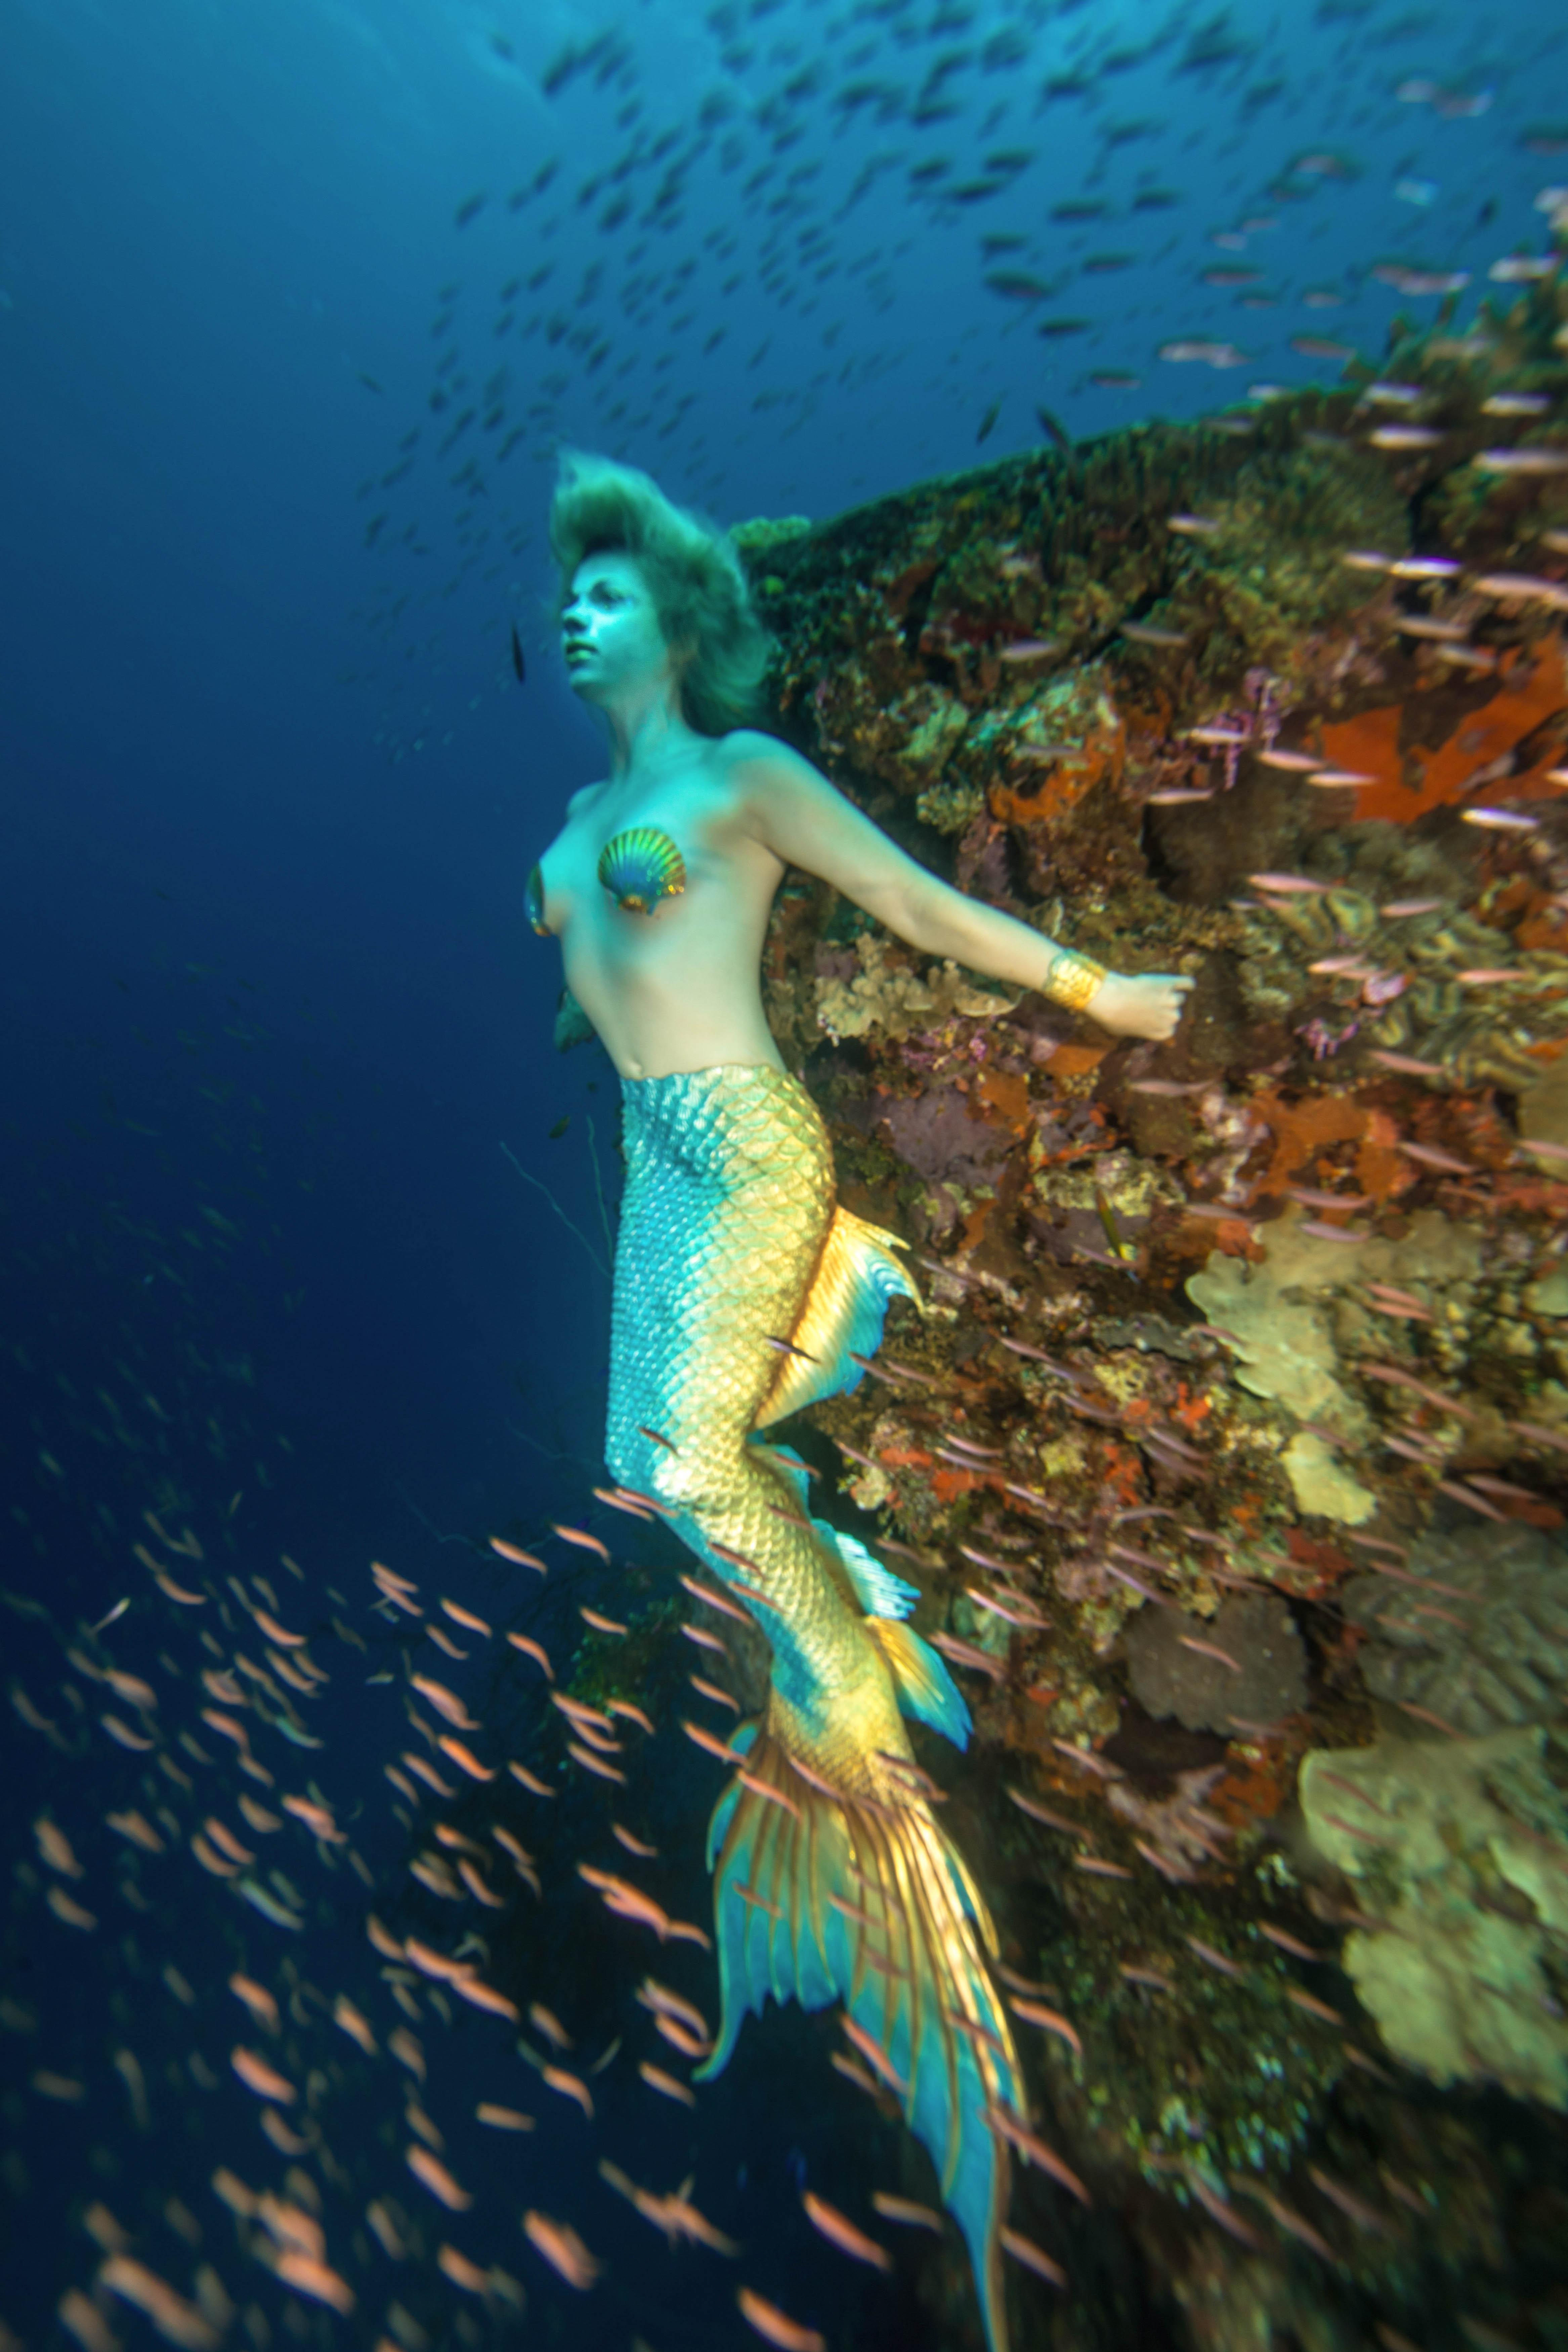 Bonnie Mermaid-0016